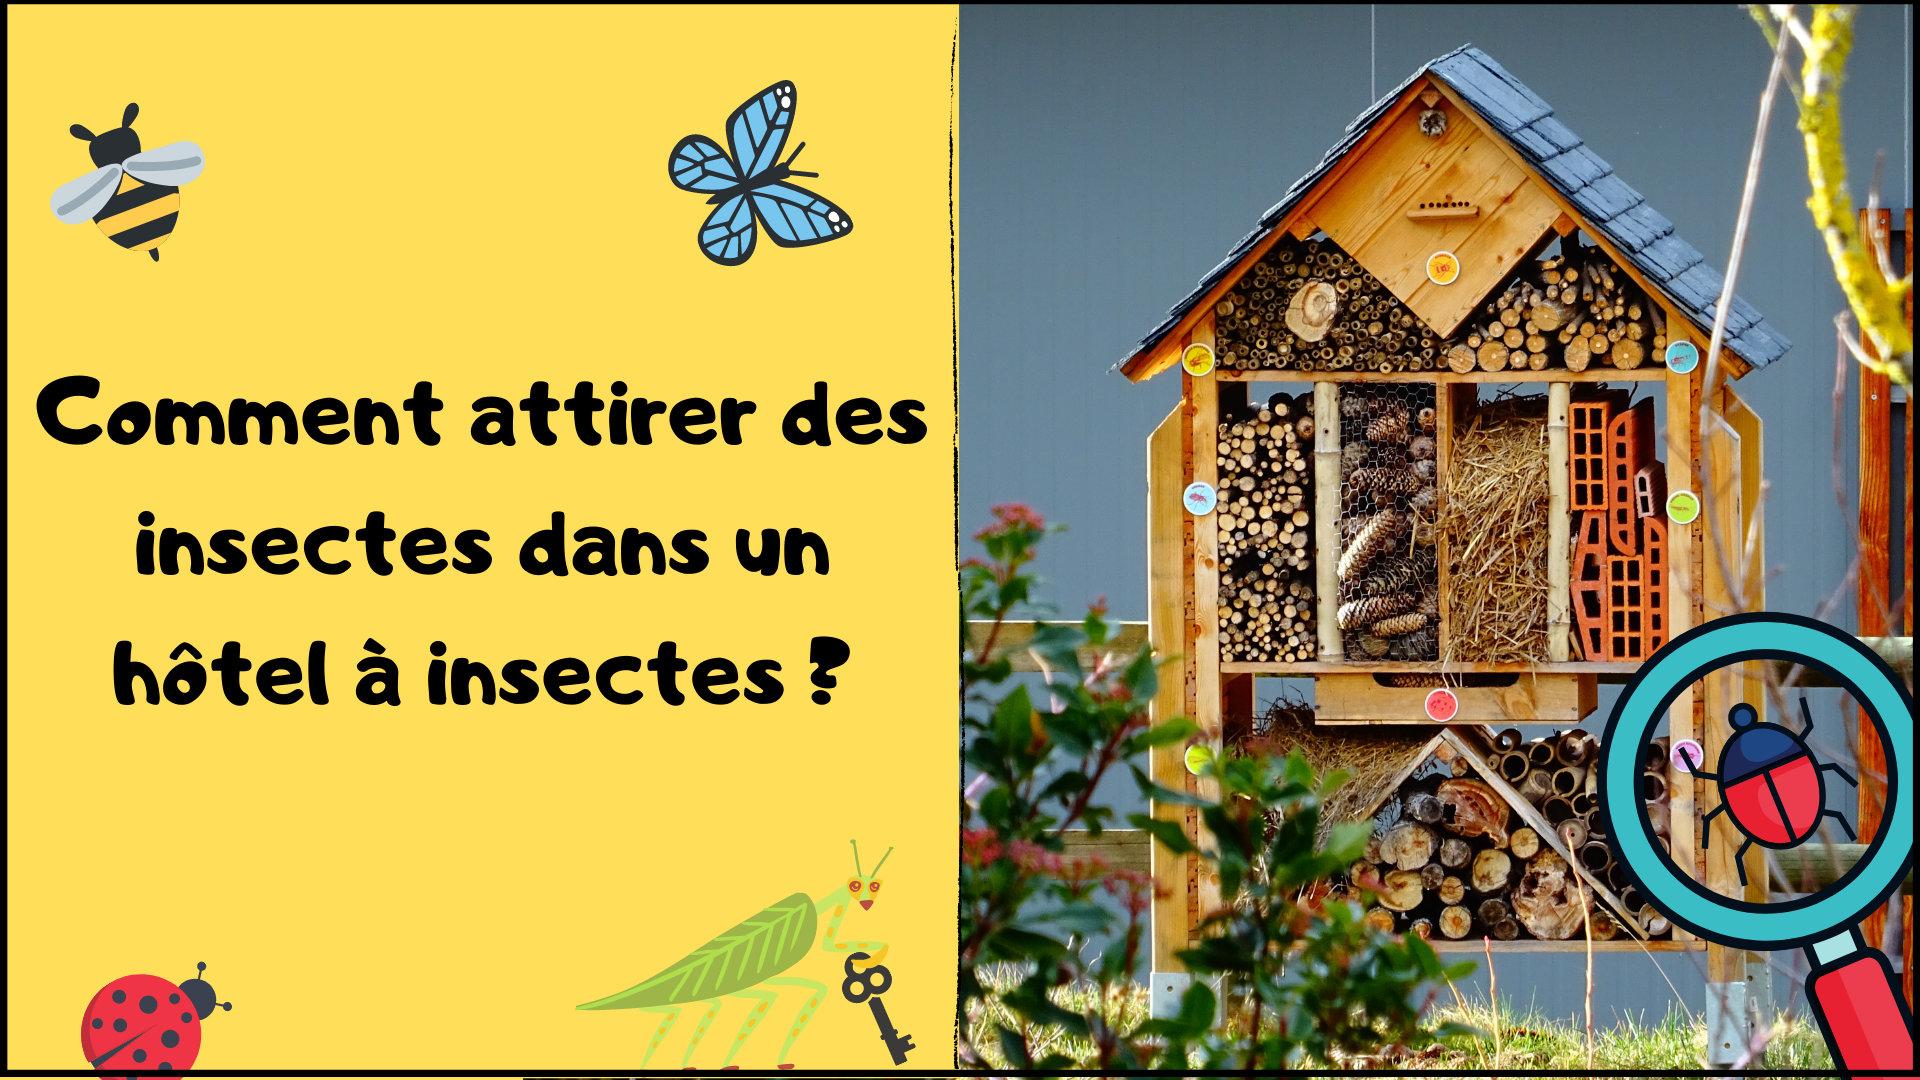 Comment attirer des insectes dans un hôtel à insectes ?